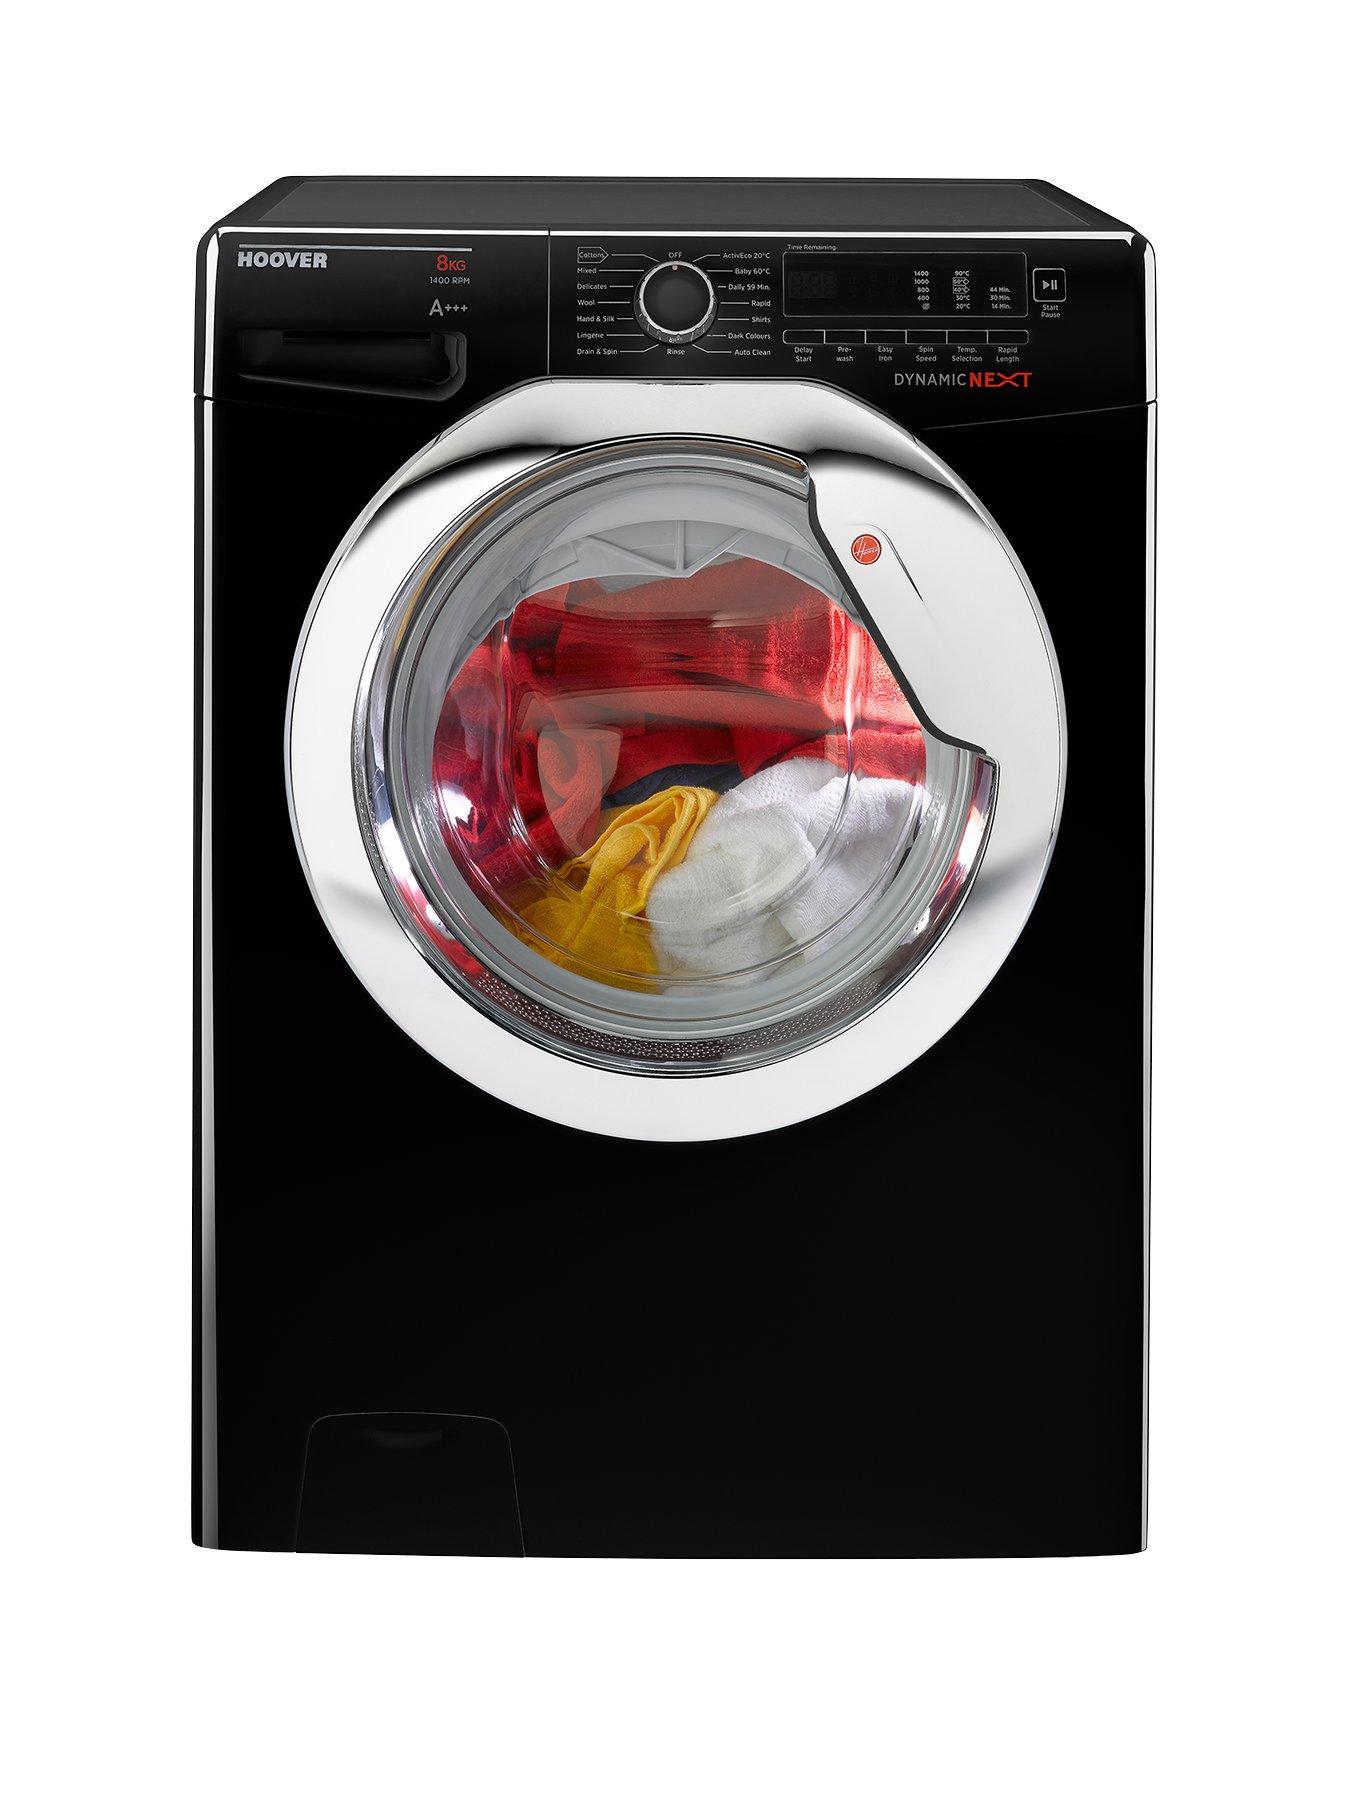 nike free washing machine